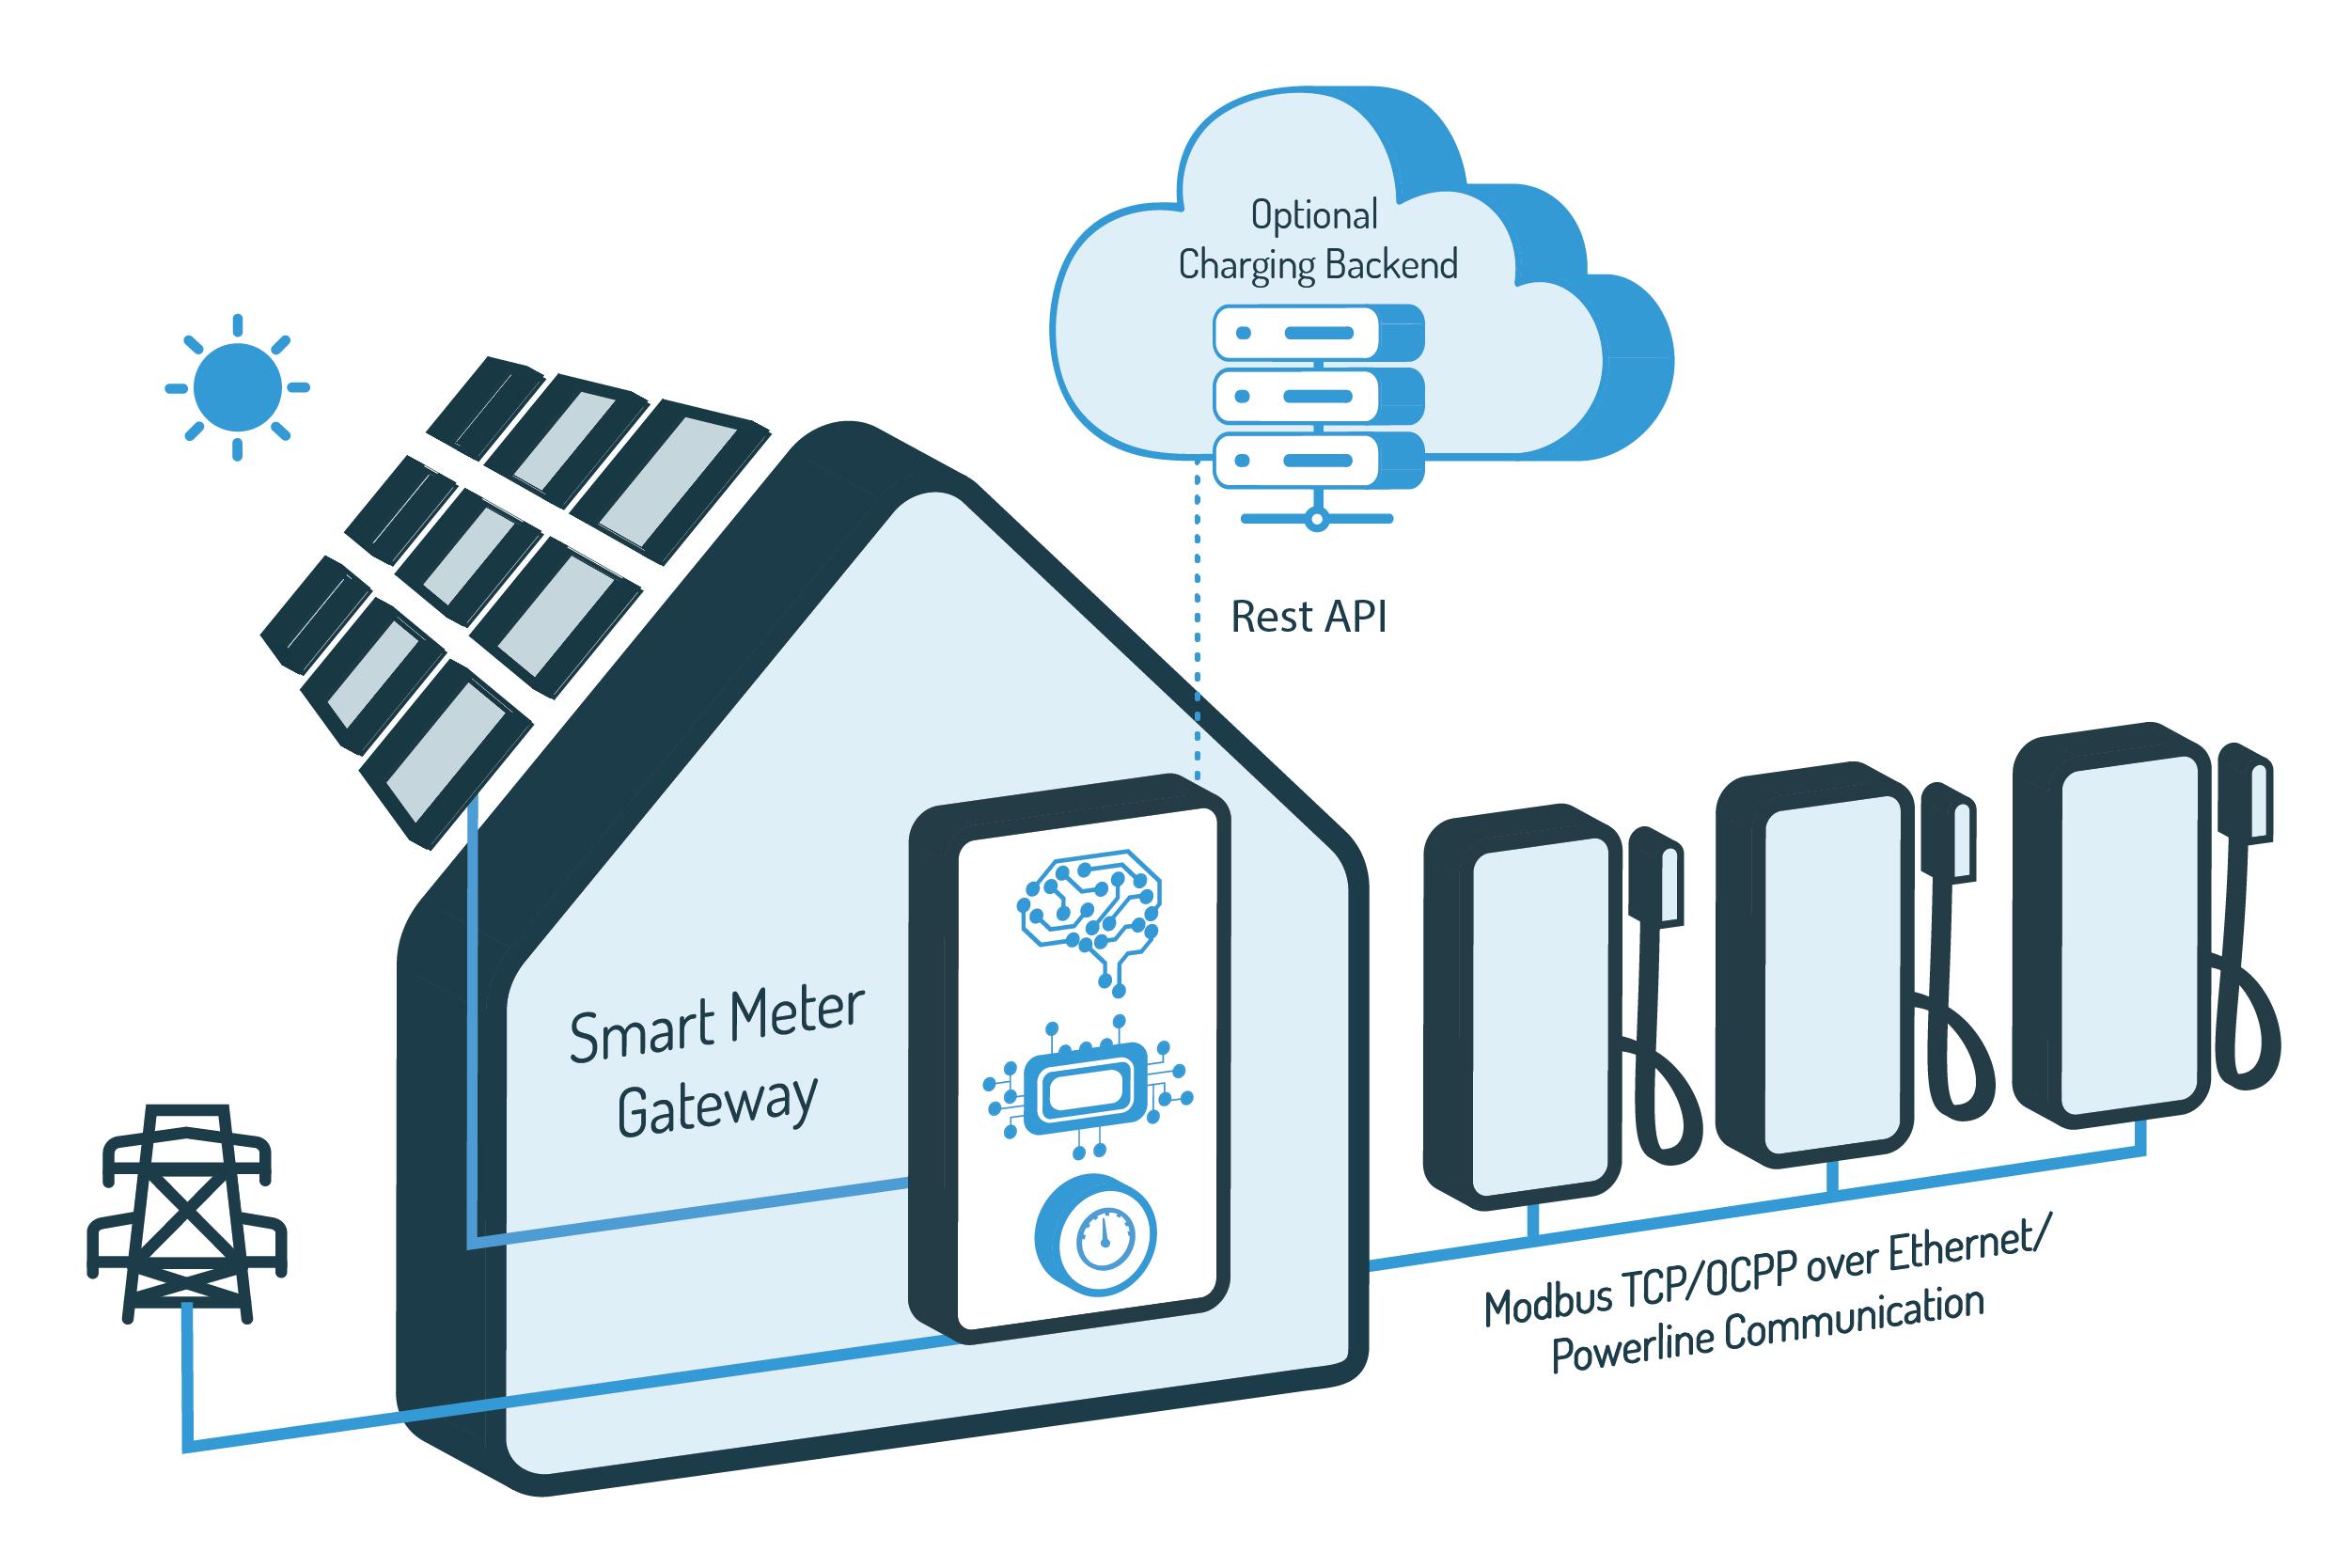 gateway based load management